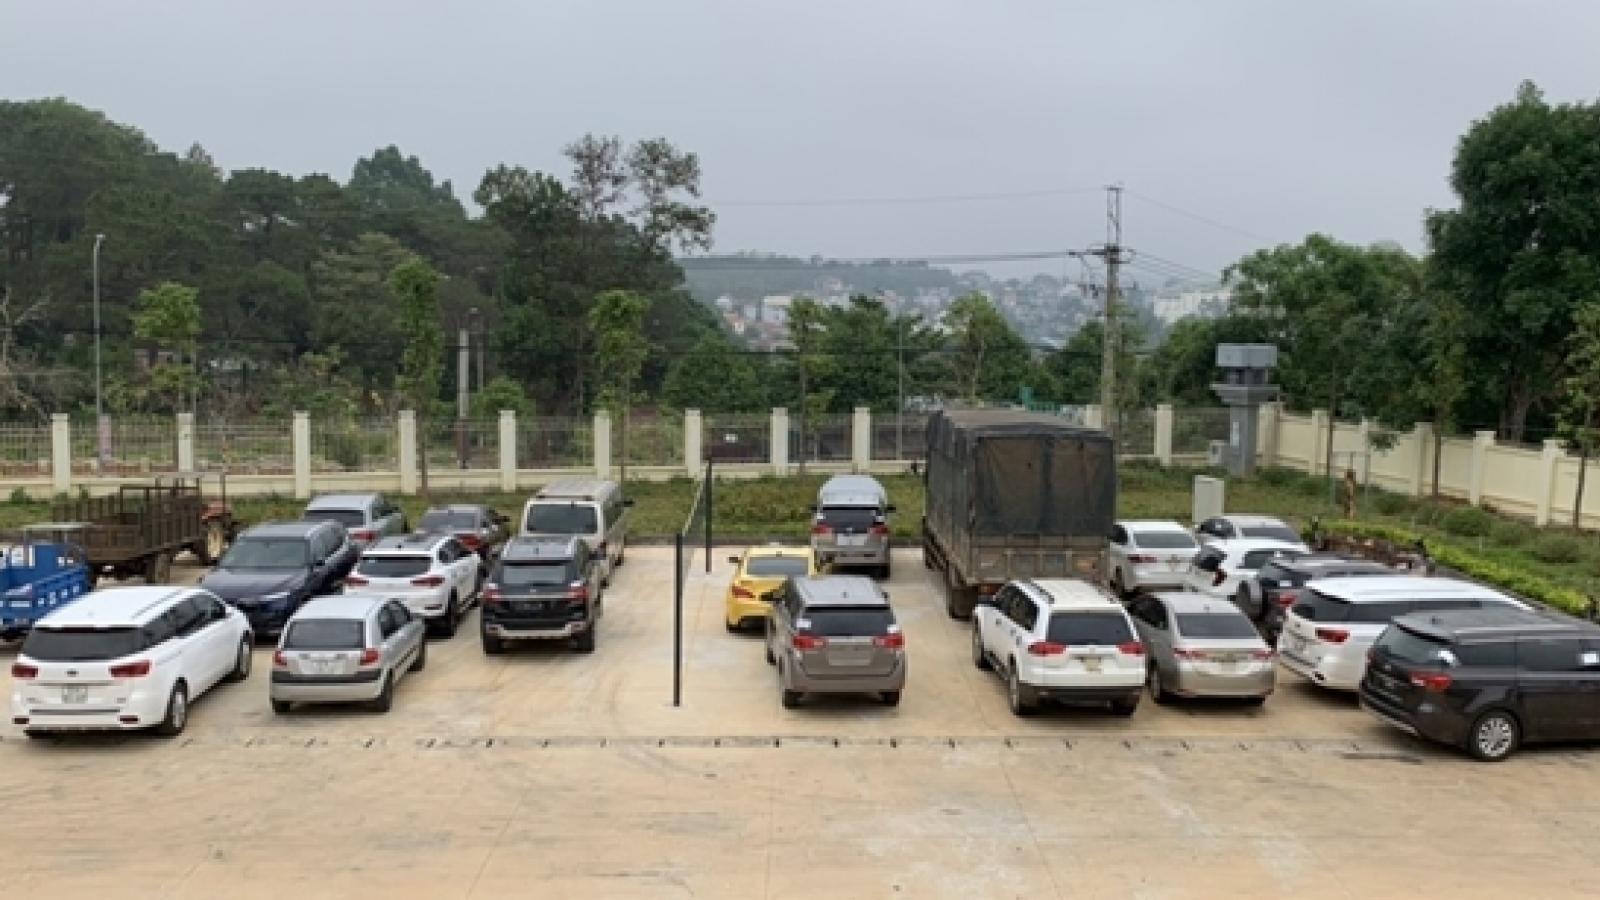 Thuê hàng loạt ôtô tự lái đem cầm cố, bán lấy tiền trả nợ